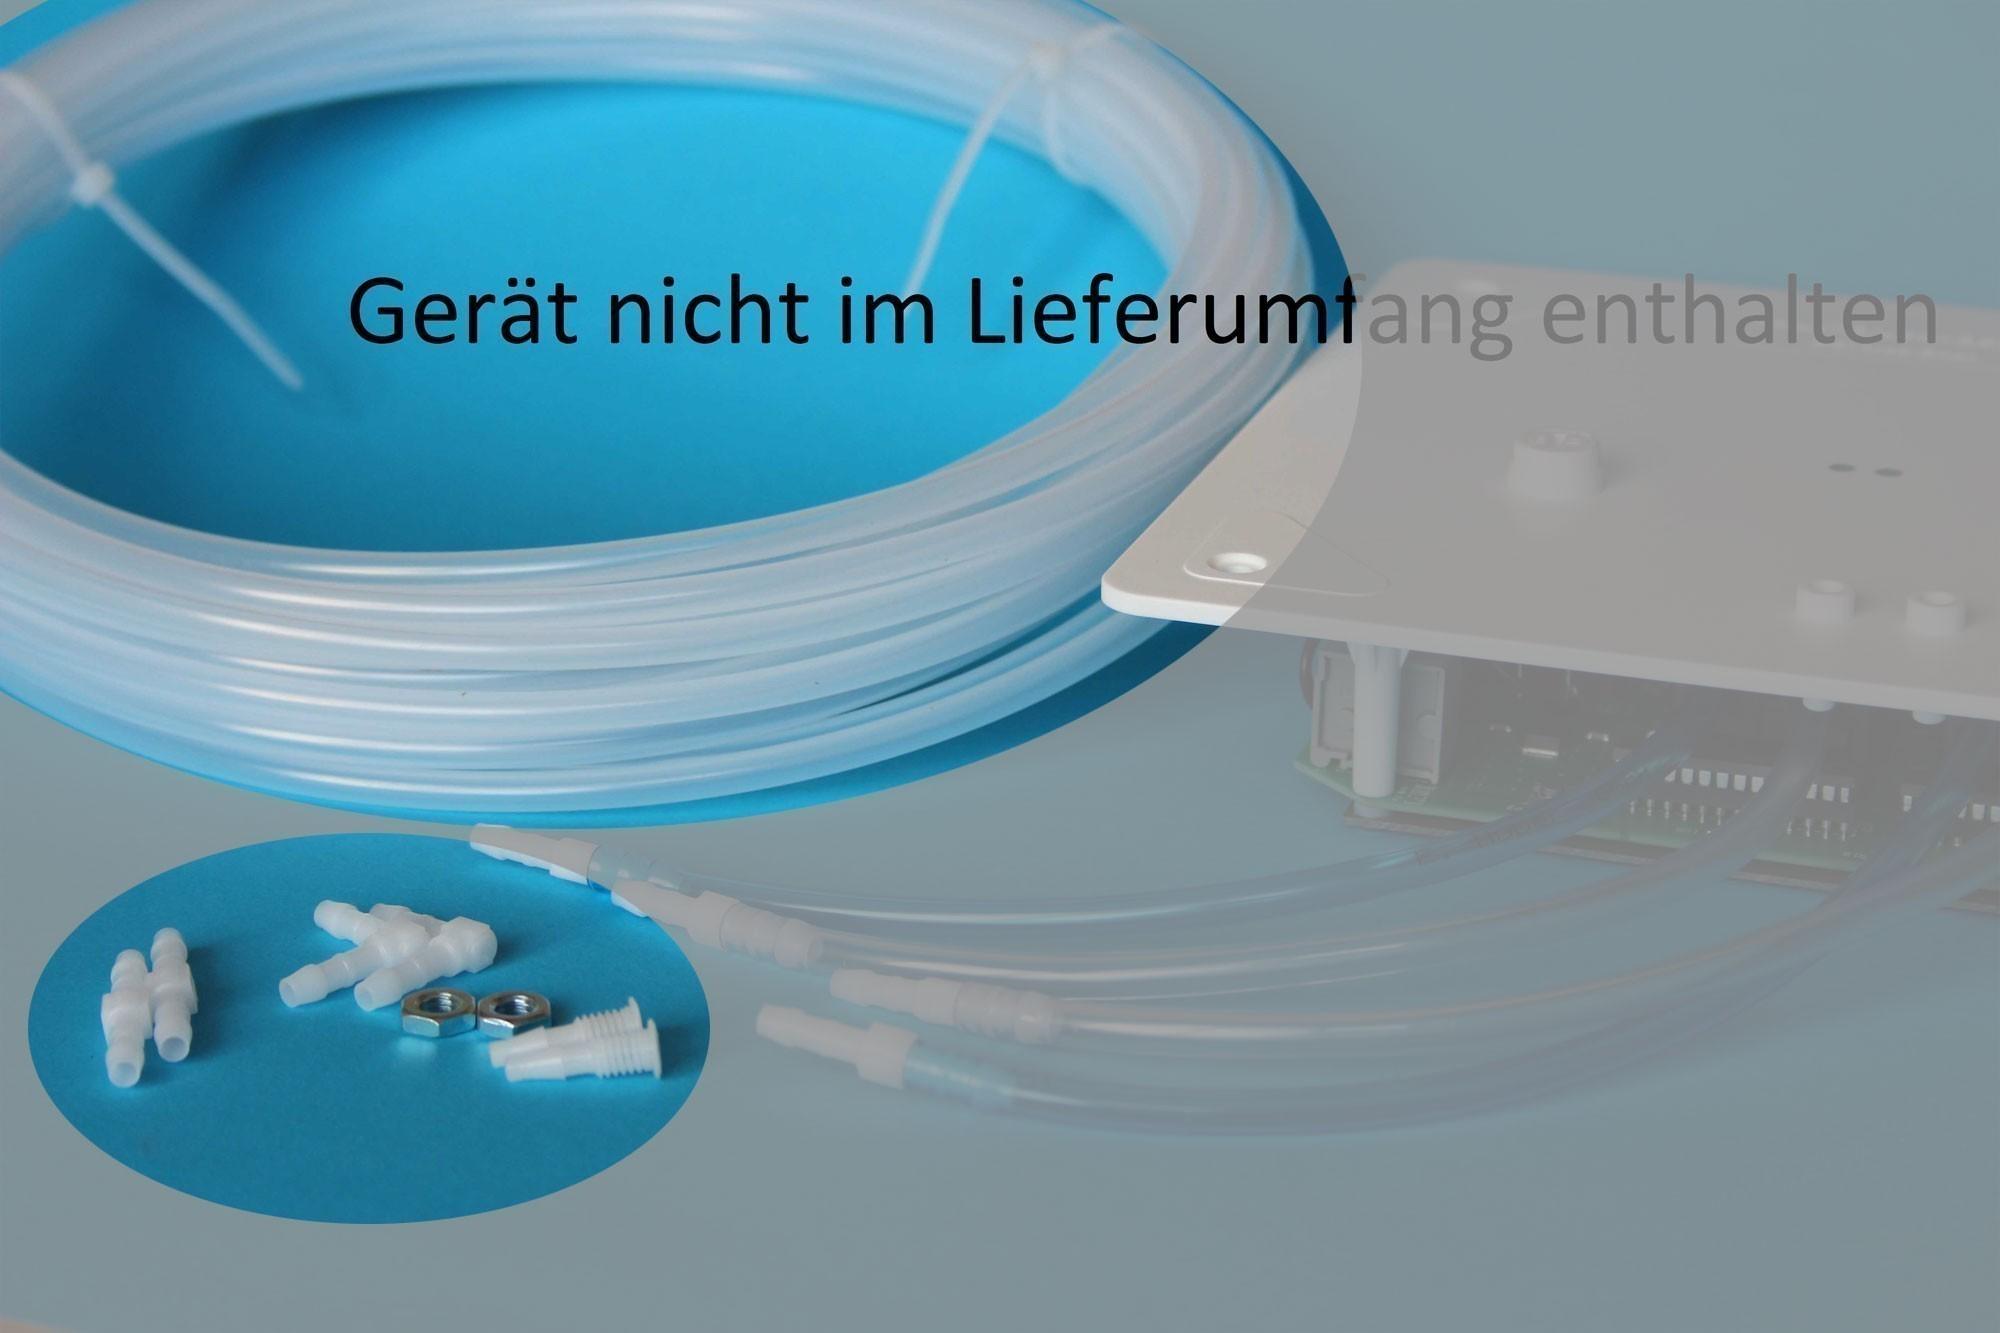 SET P4-Multi Innenmessung für Huber Luftdruckwächter P4 Bild 1